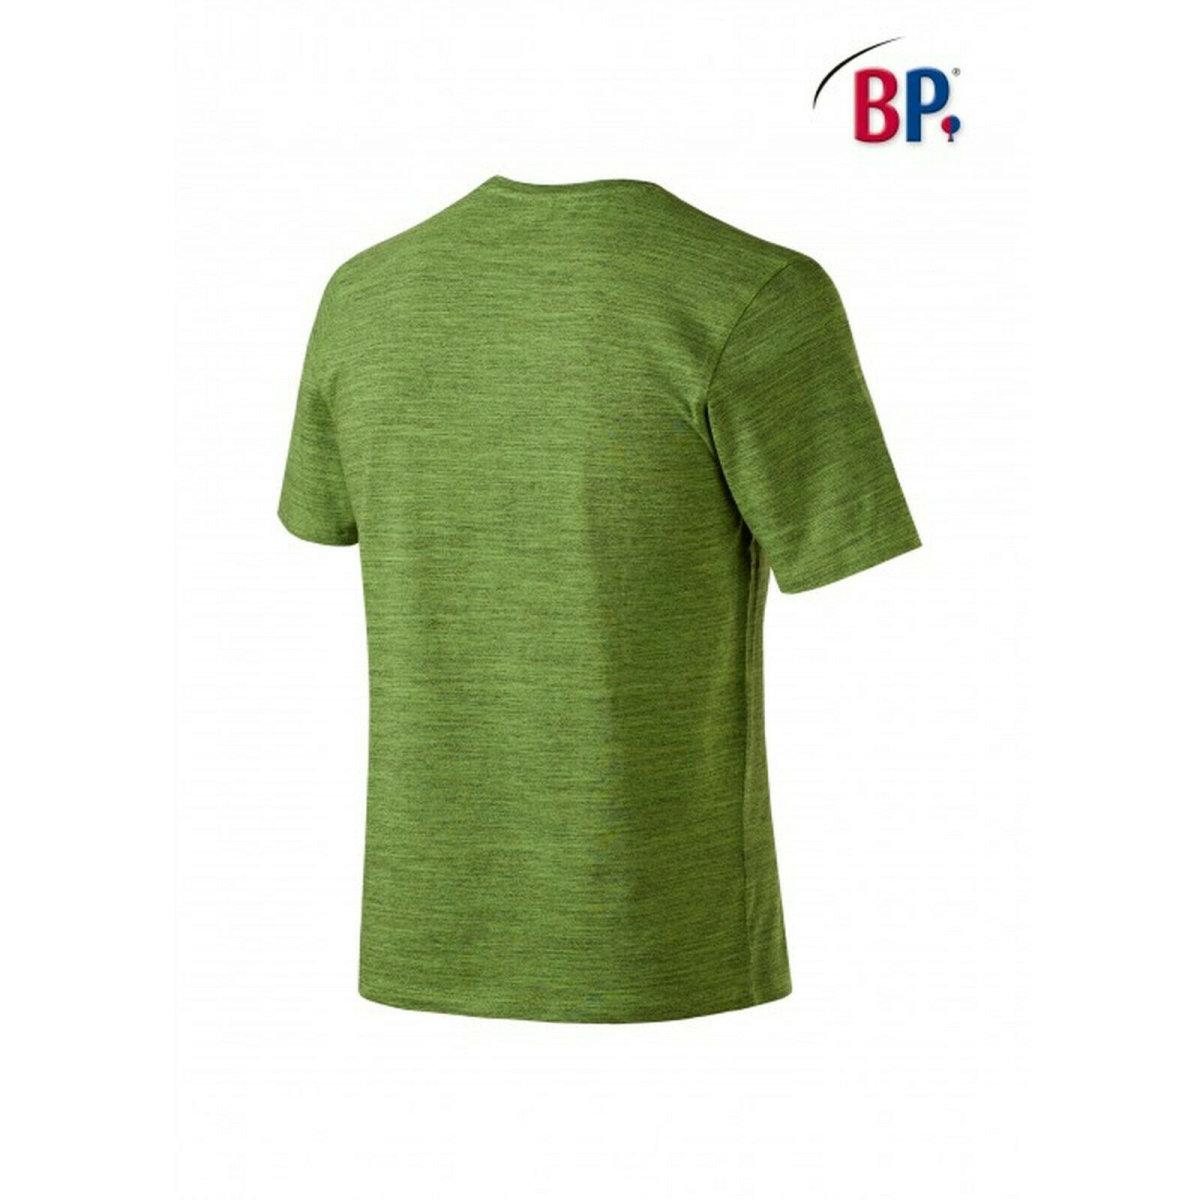 BP Workwear T-Shirt für Sie & Ihn 1714 space new green modern fit Shirt Stretch M